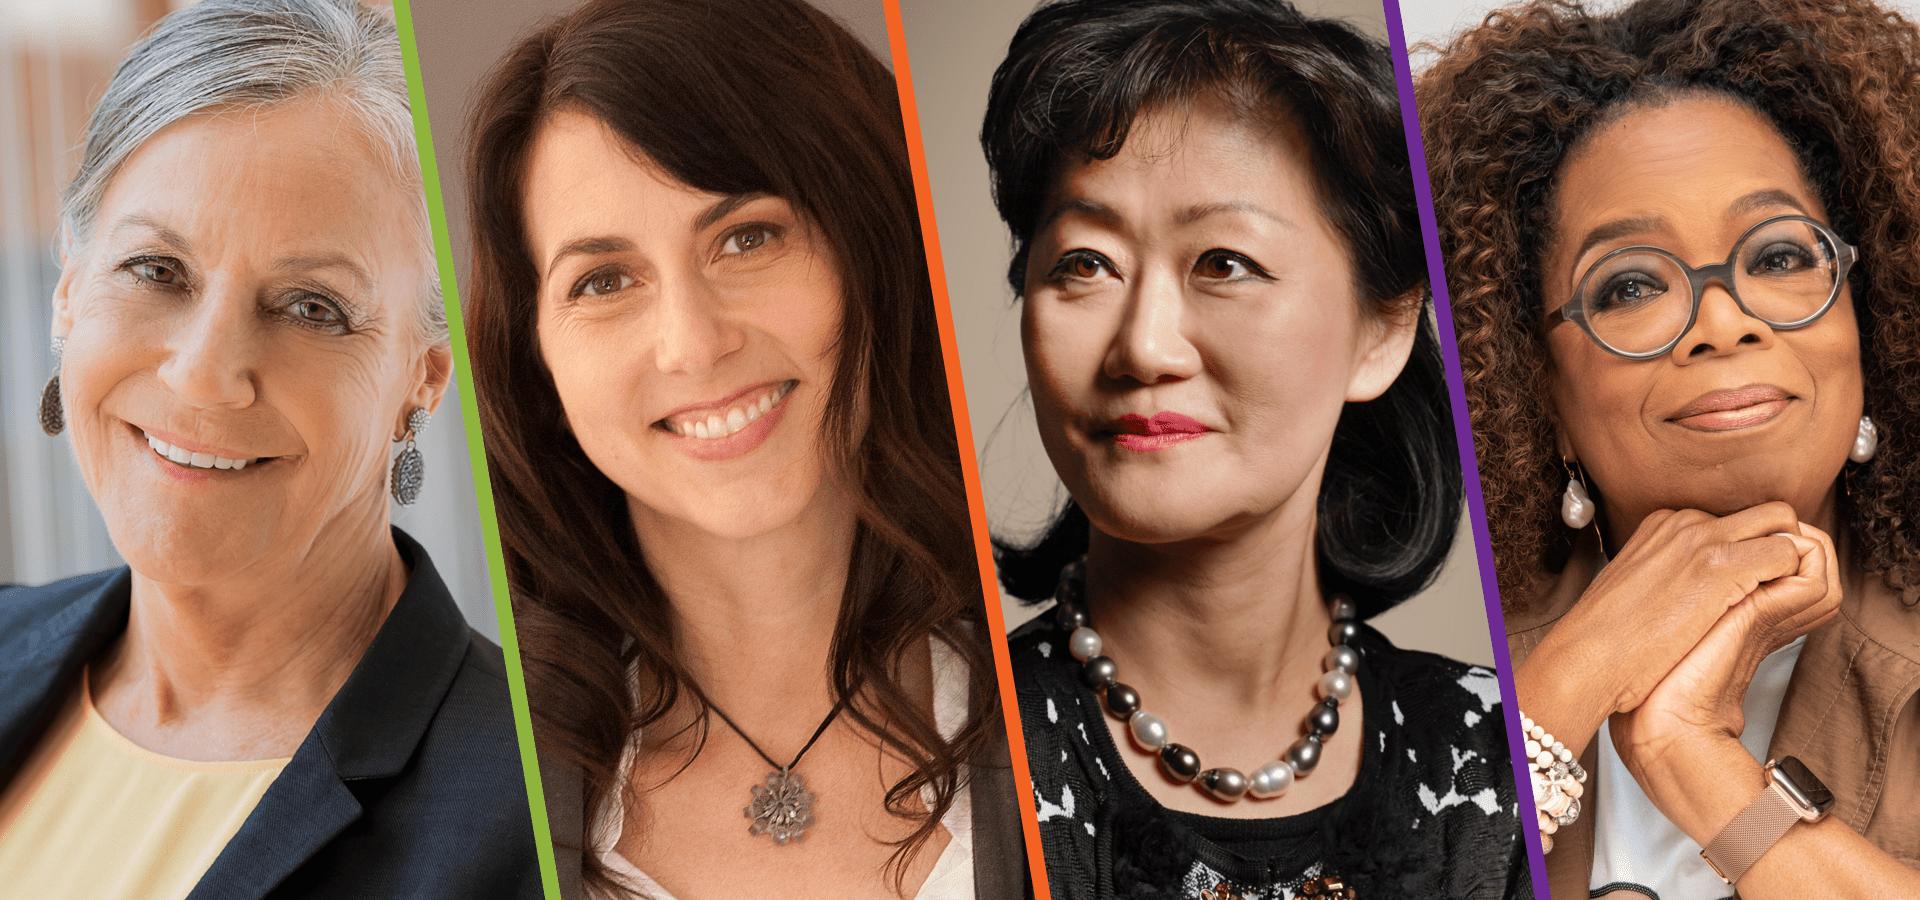 Richest Women in The World 2020